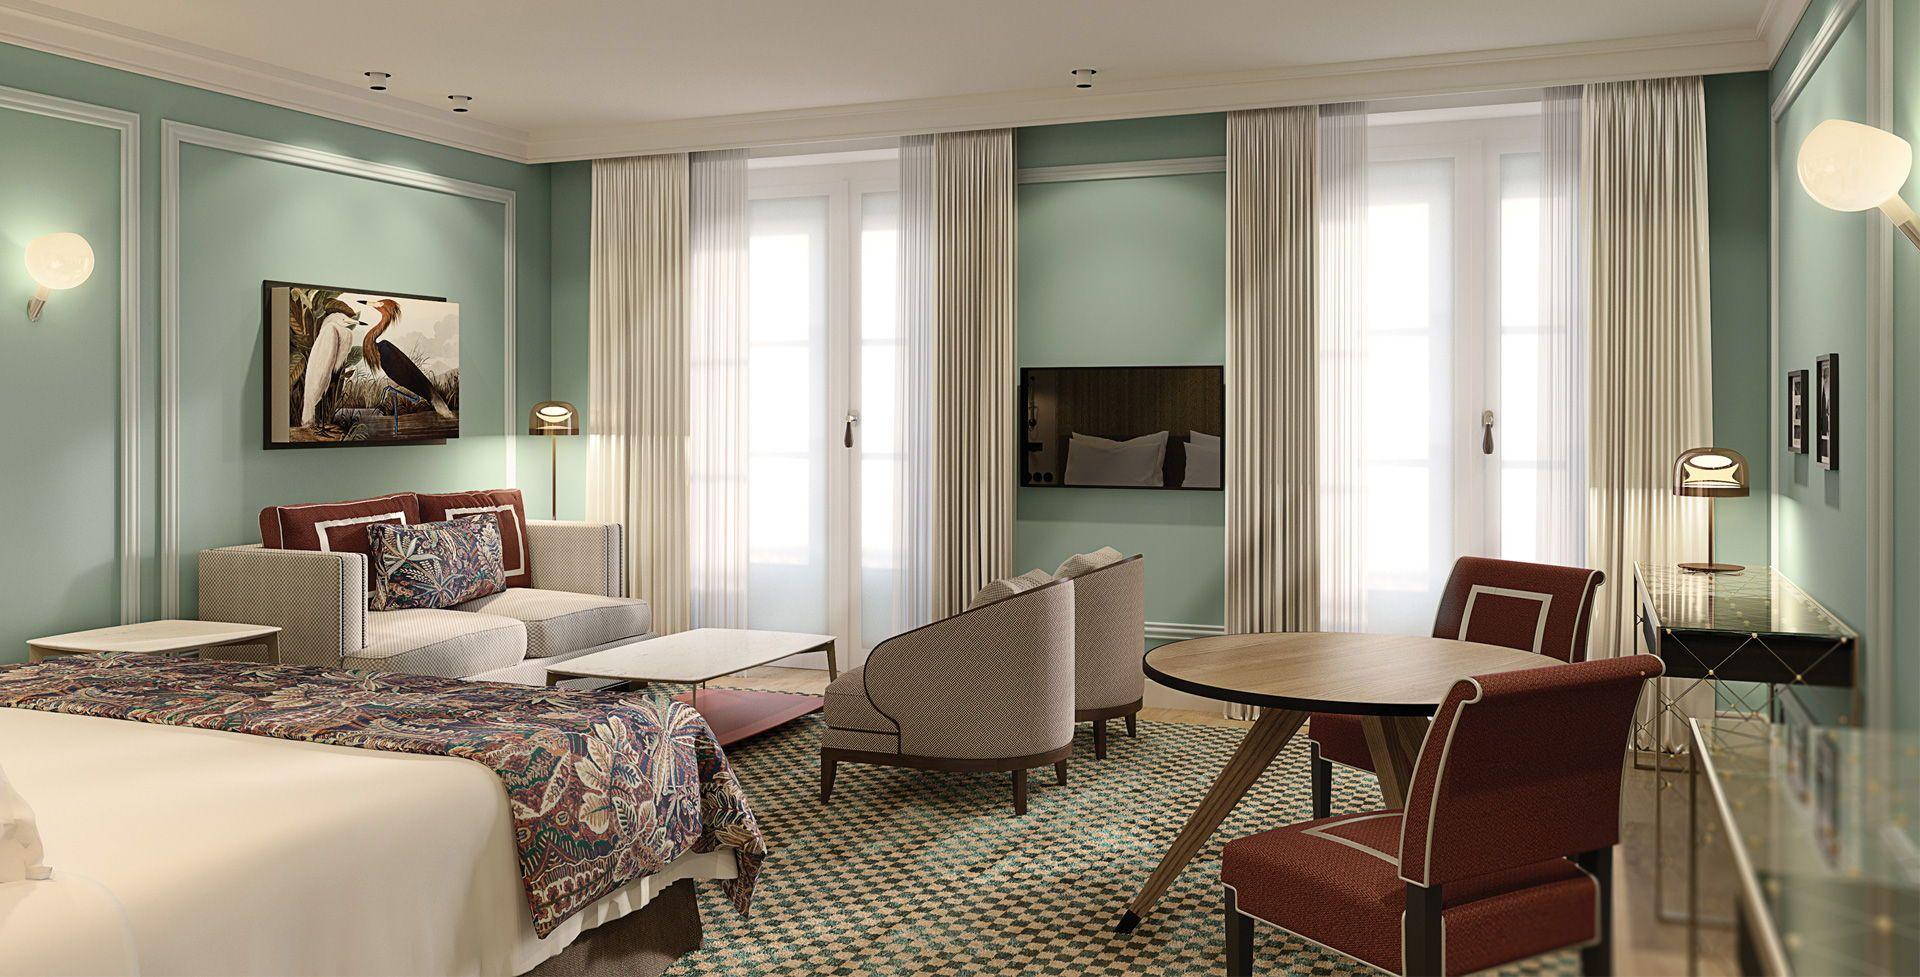 Bairro Alto Hotel Lisbon Boutique Hotel Located In The Iconic